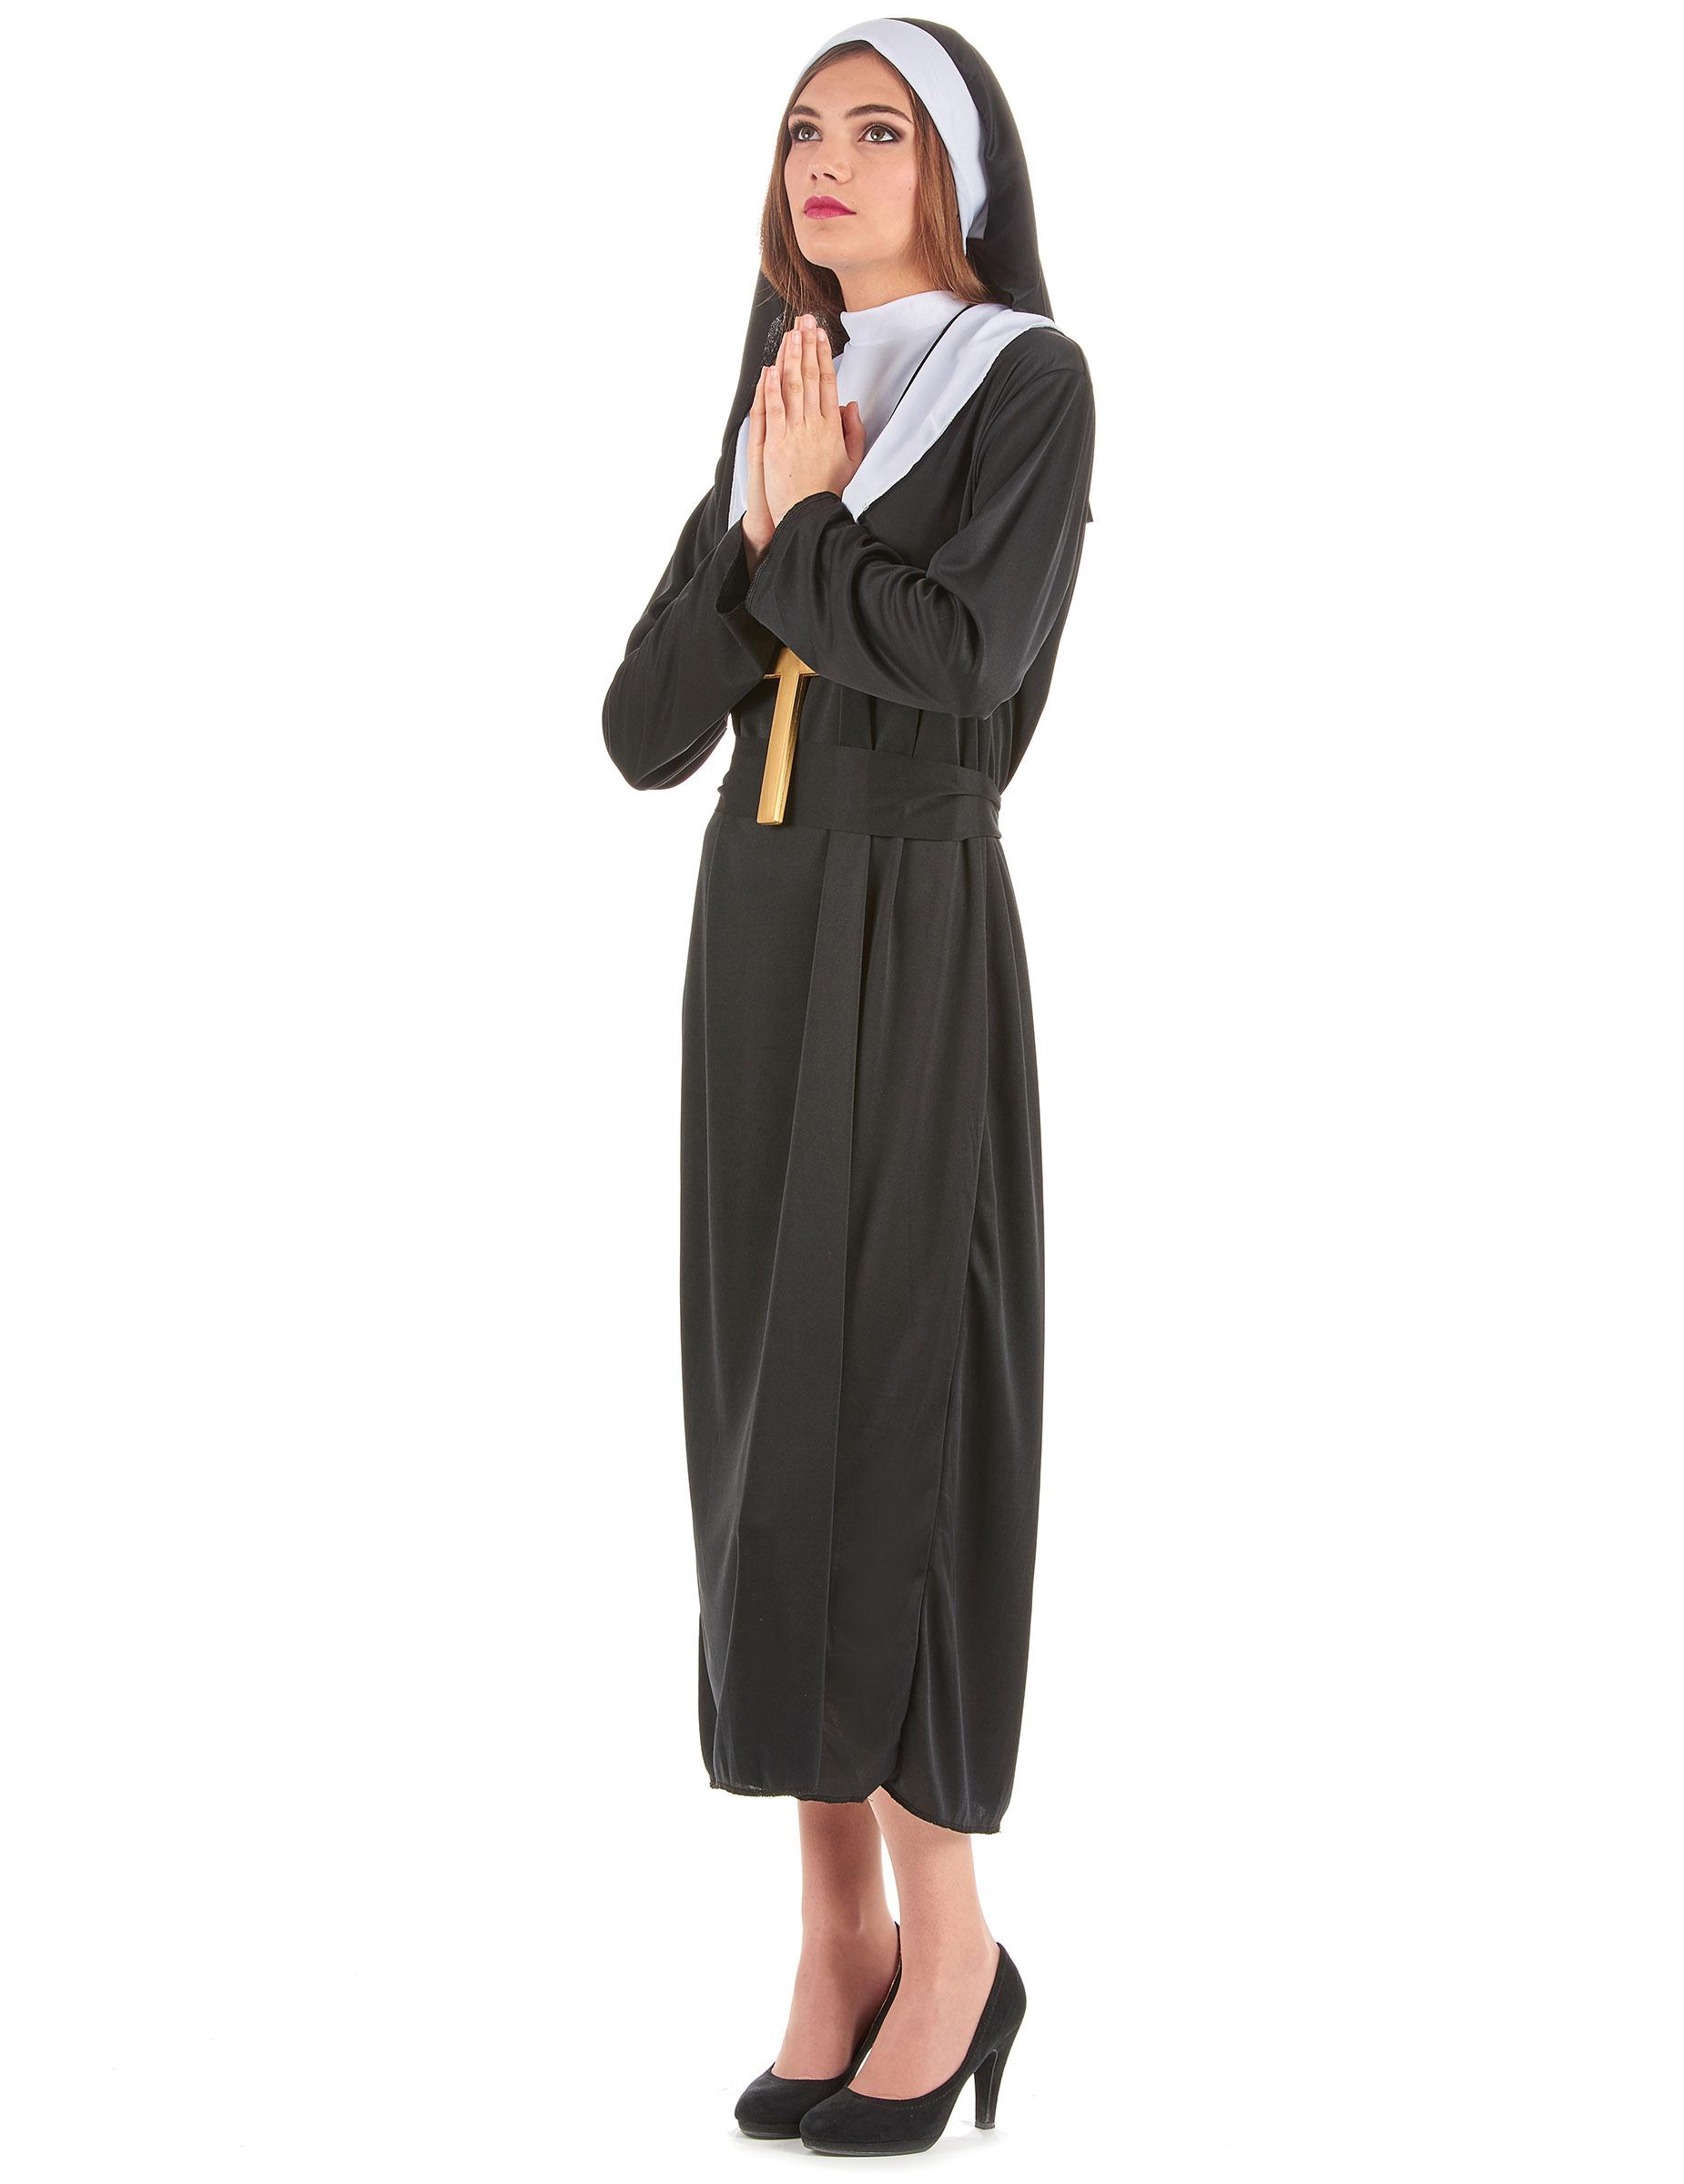 Nonnen Kostum Fur Damen Kostume Fur Erwachsene Und Gunstige